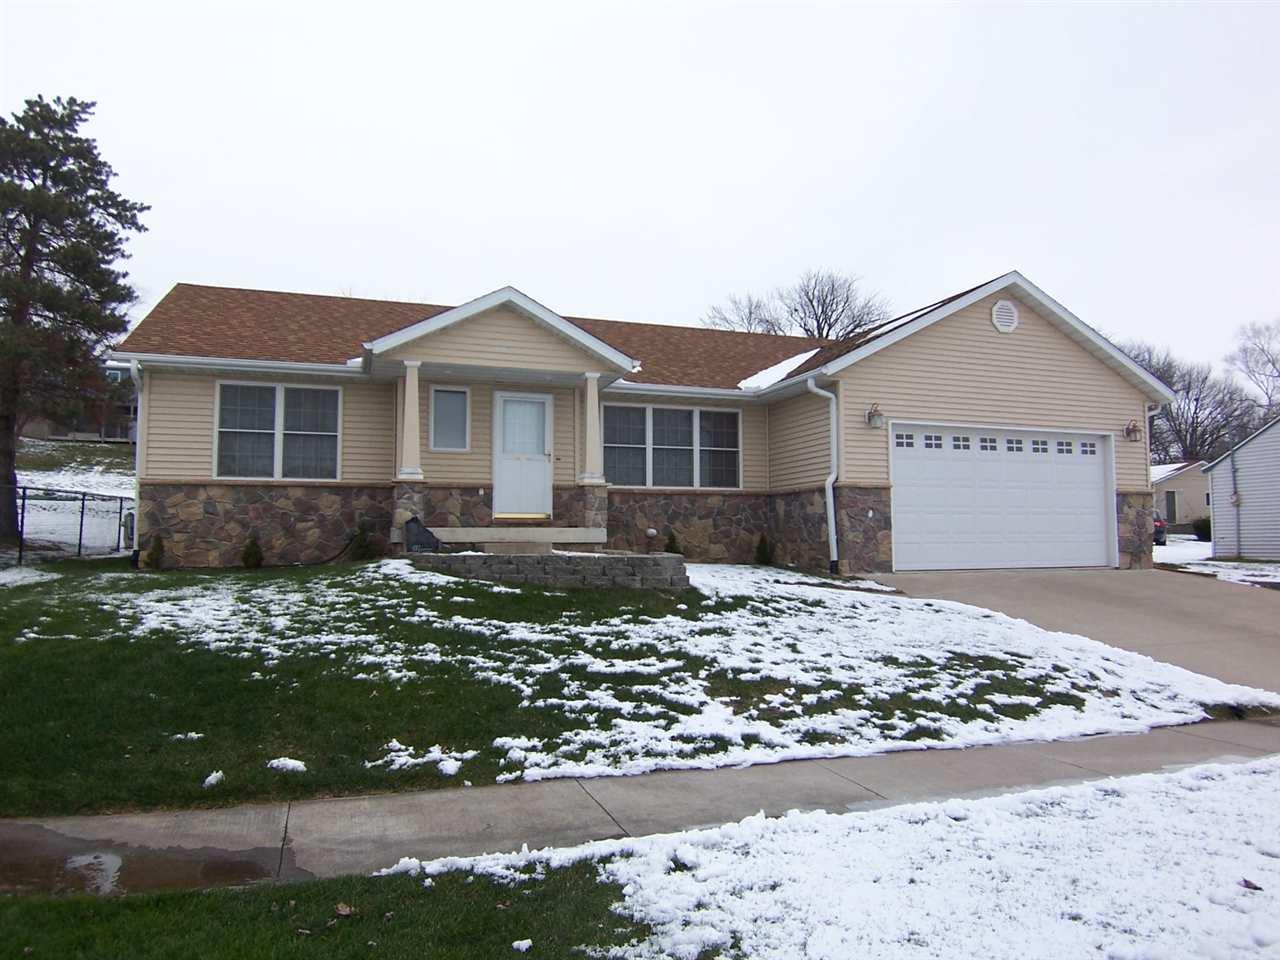 Real Estate for Sale, ListingId: 36711629, Buffalo,IA52728